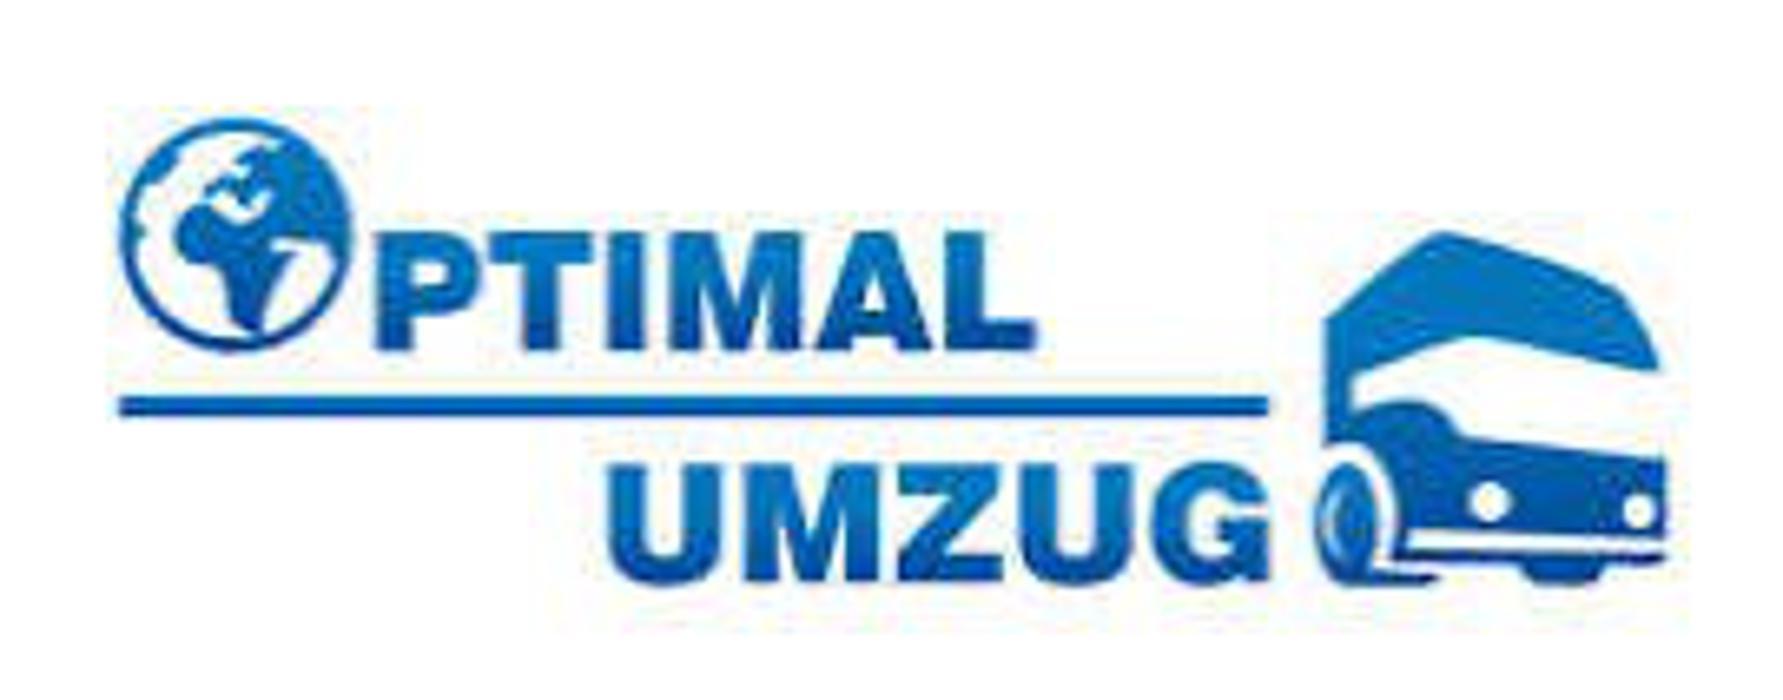 Blitz Umzüge Berlin blitz umzüge gürtelstraße in 10247 berlin öffnungszeiten und angebote